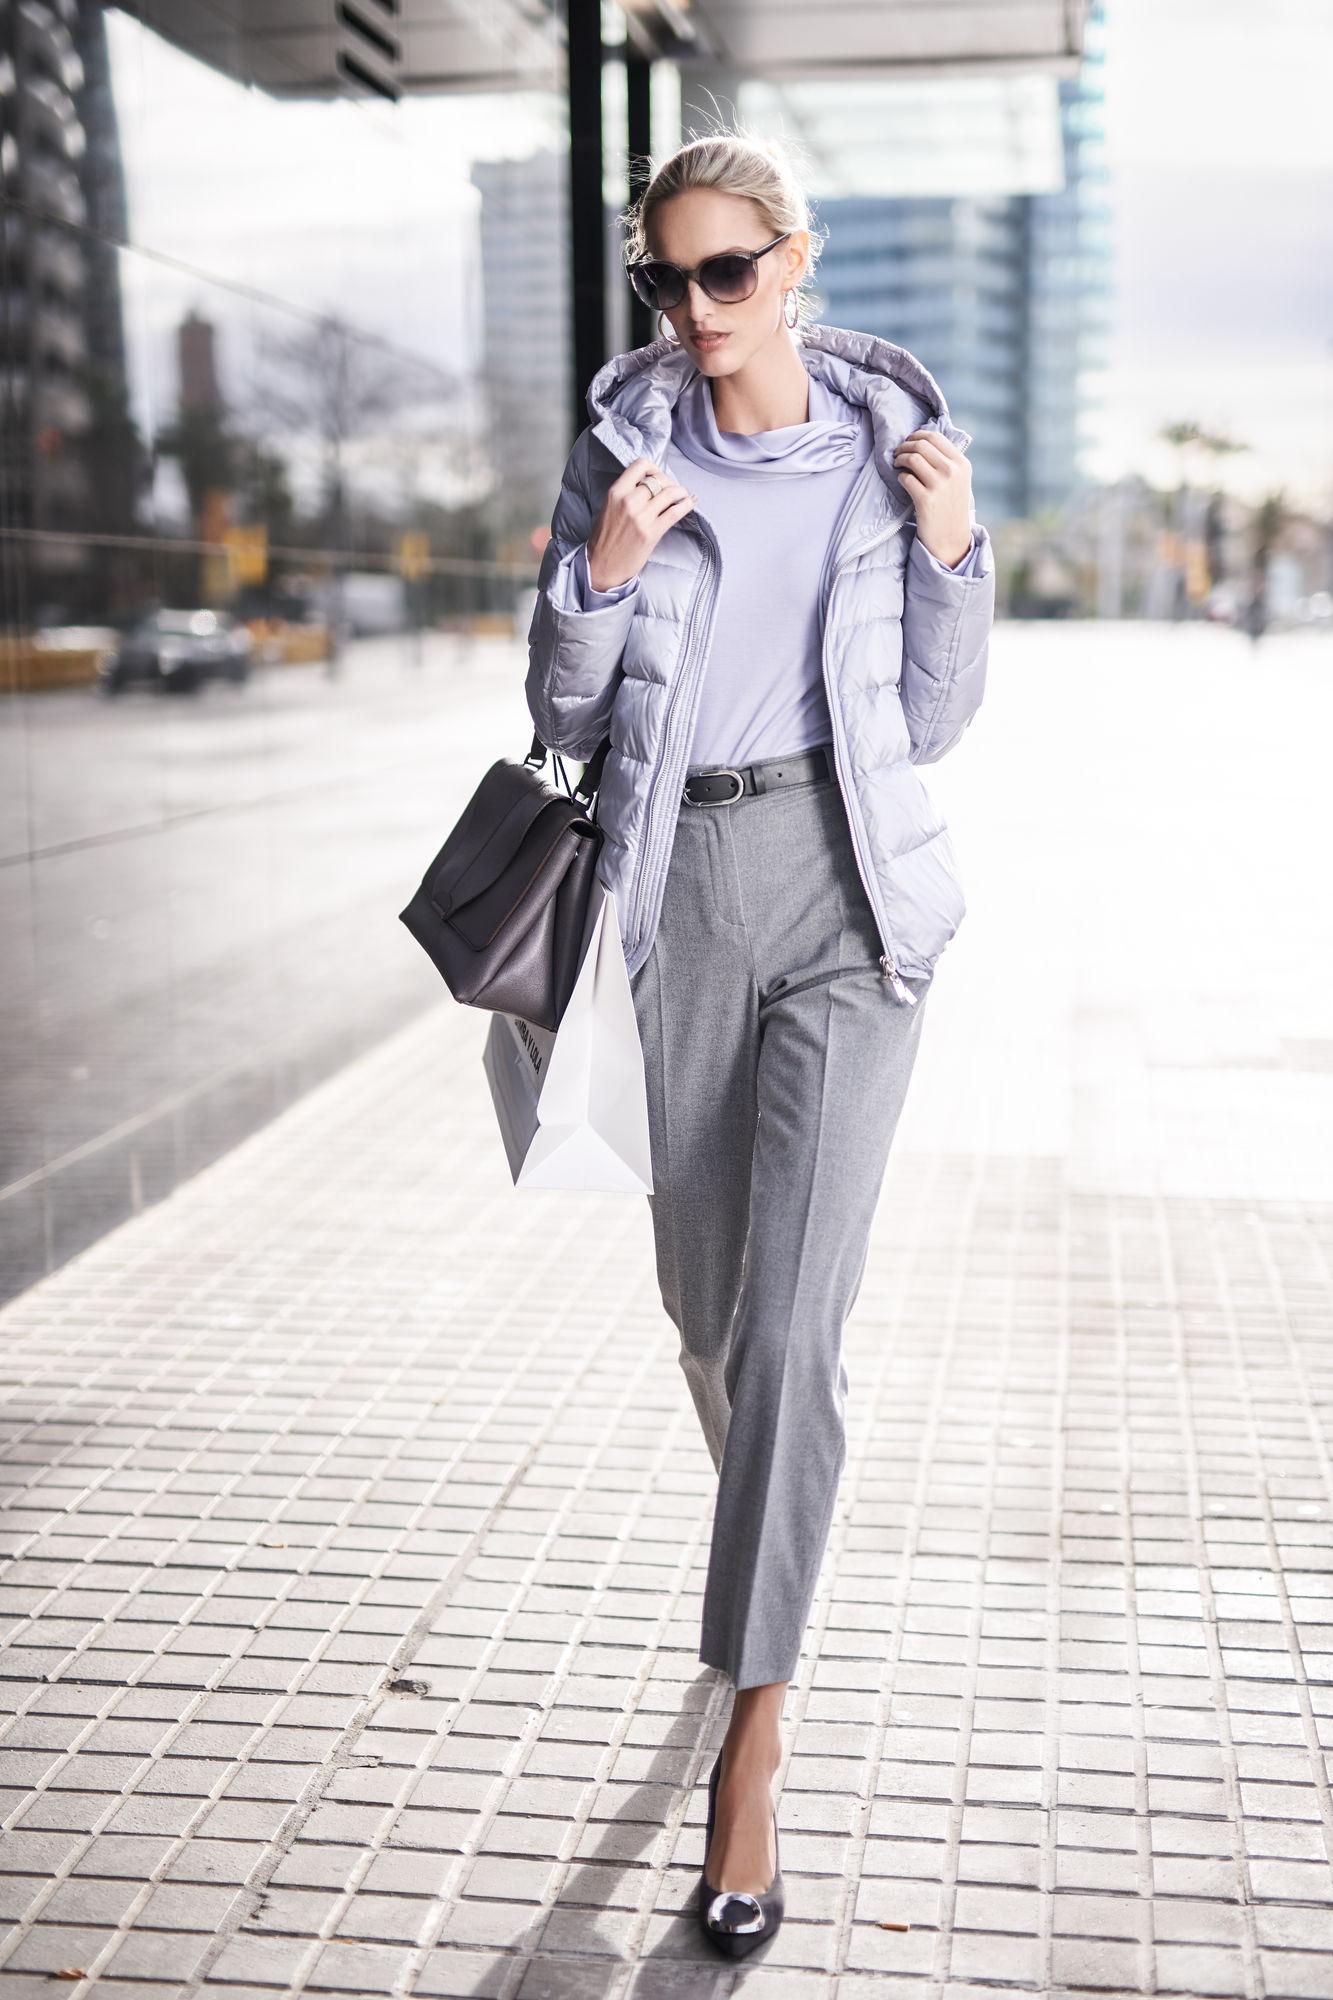 Lederjacke   MADELEINE Mode   Damenmode   Lederjacke, Mode